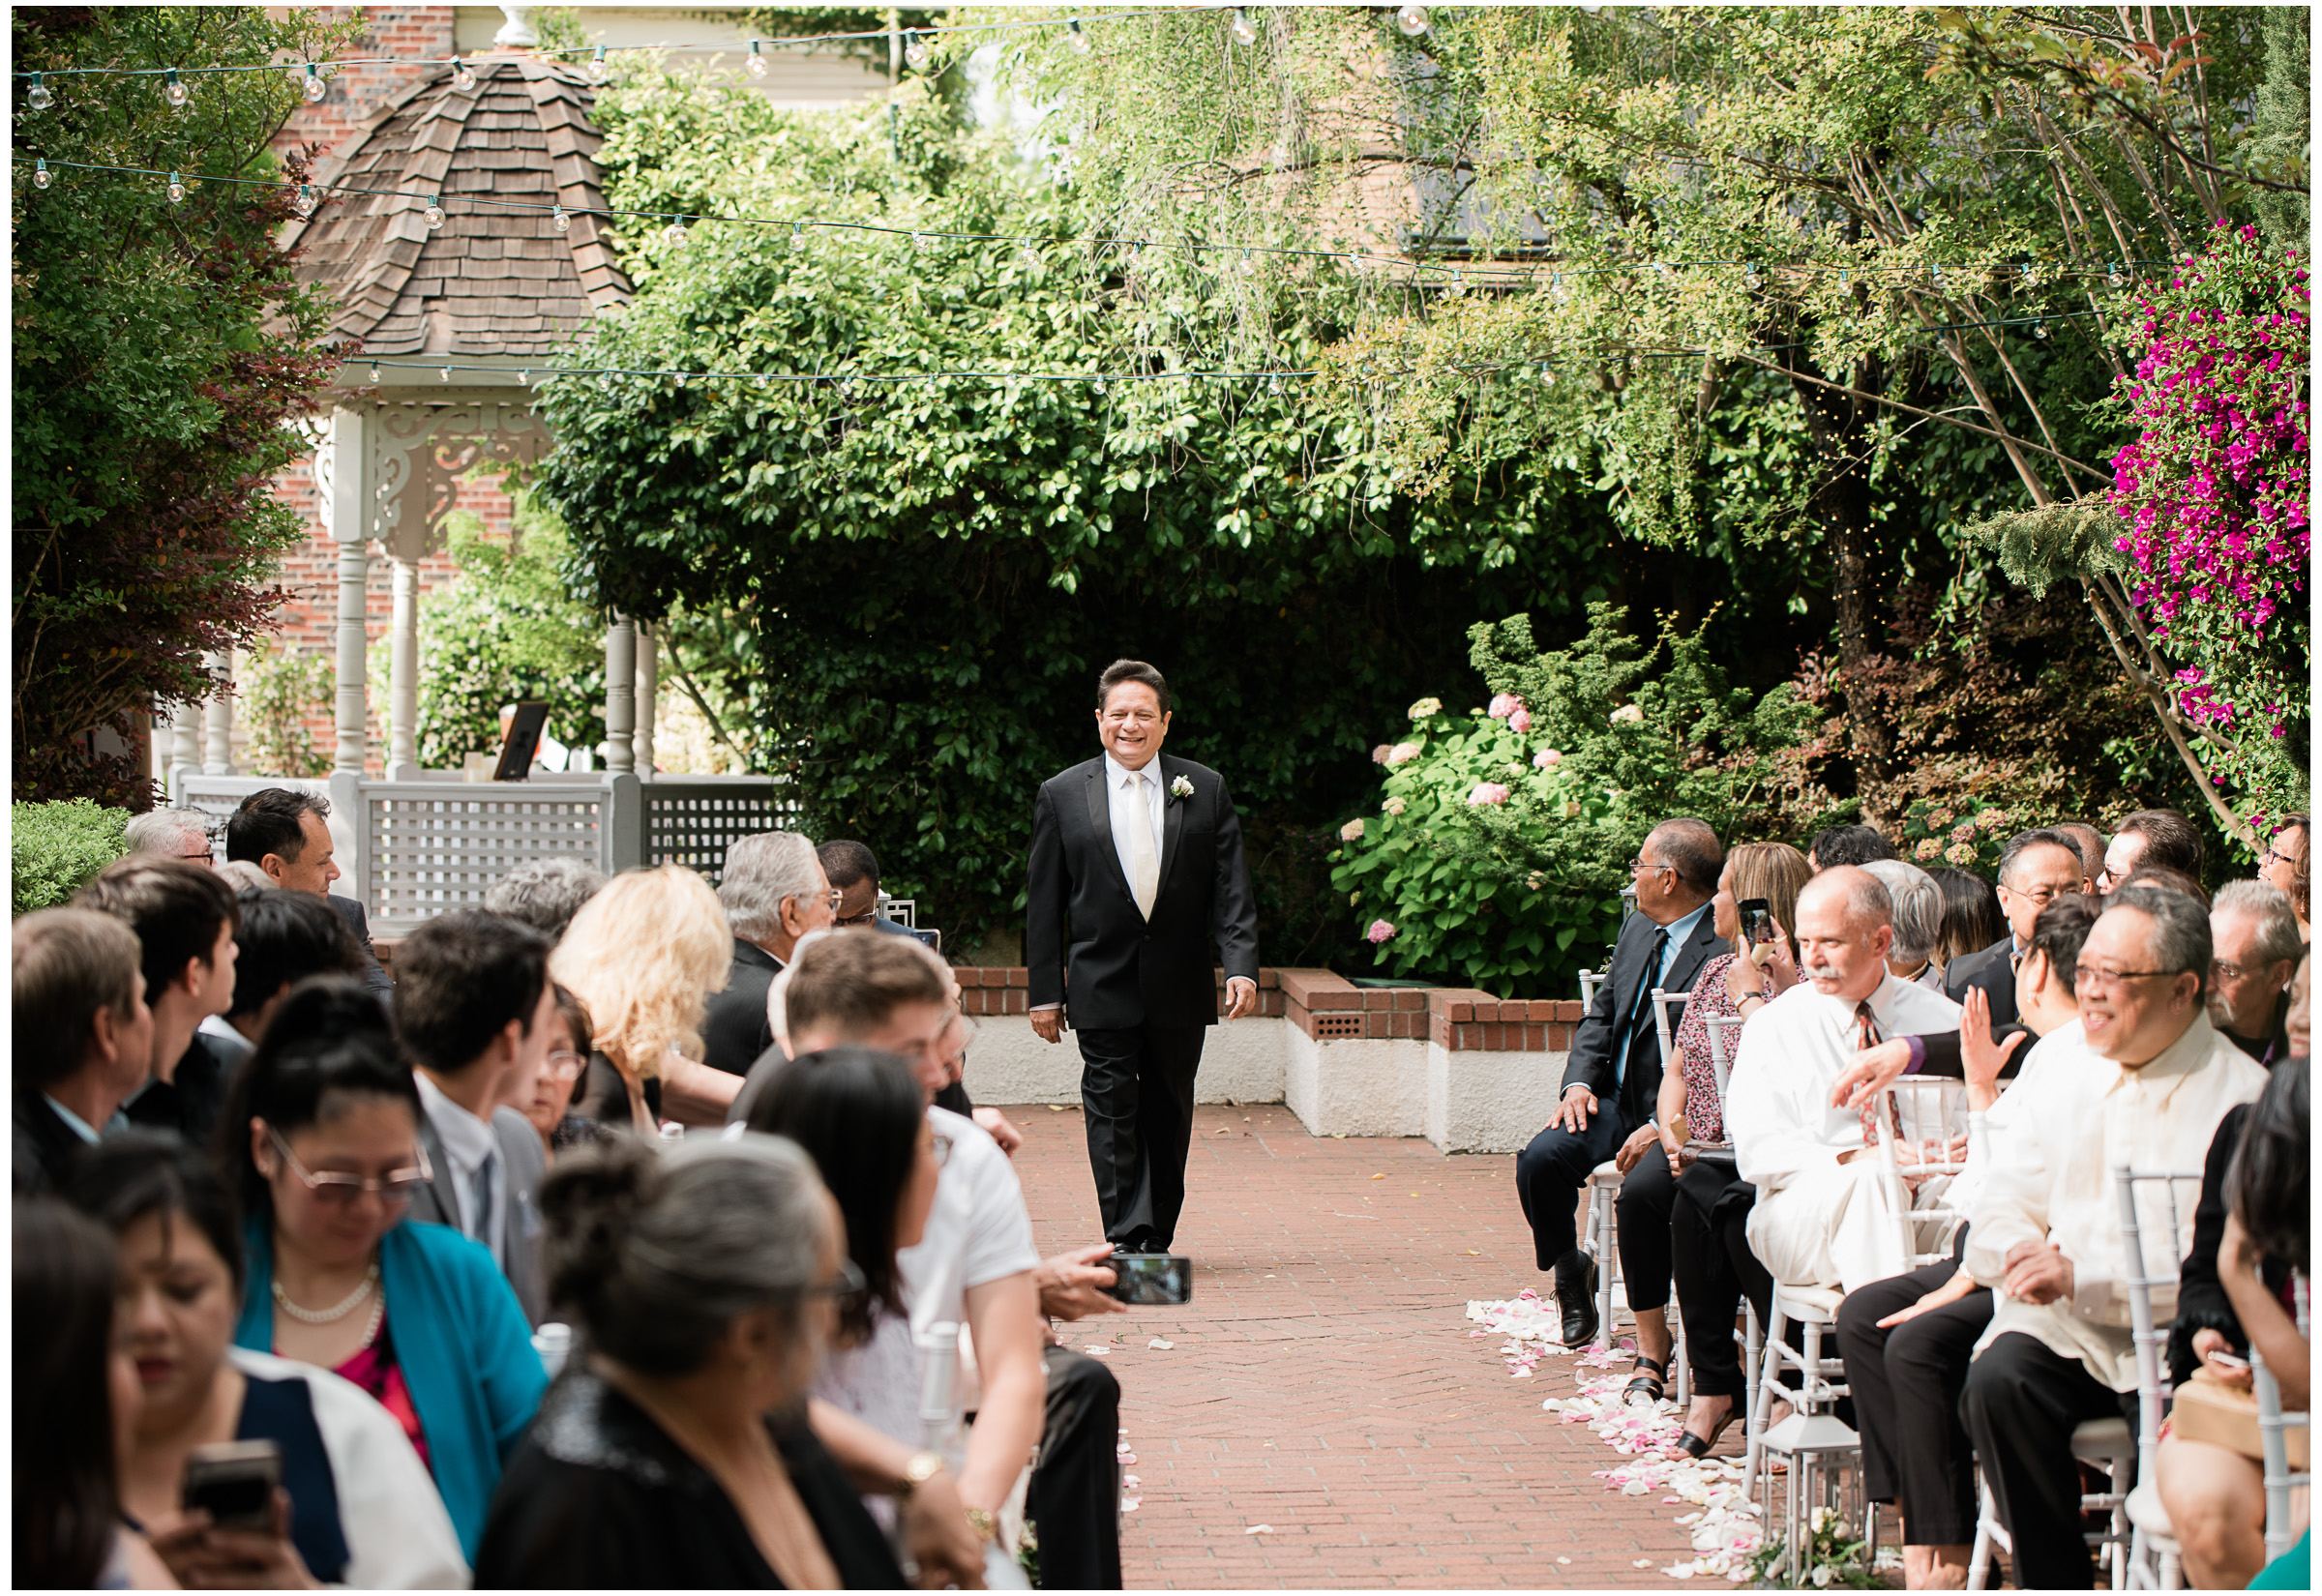 Sacramento Wedding - Sacramento Photographer - Vizcaya - Justin Wilcox Photography - 9.jpg